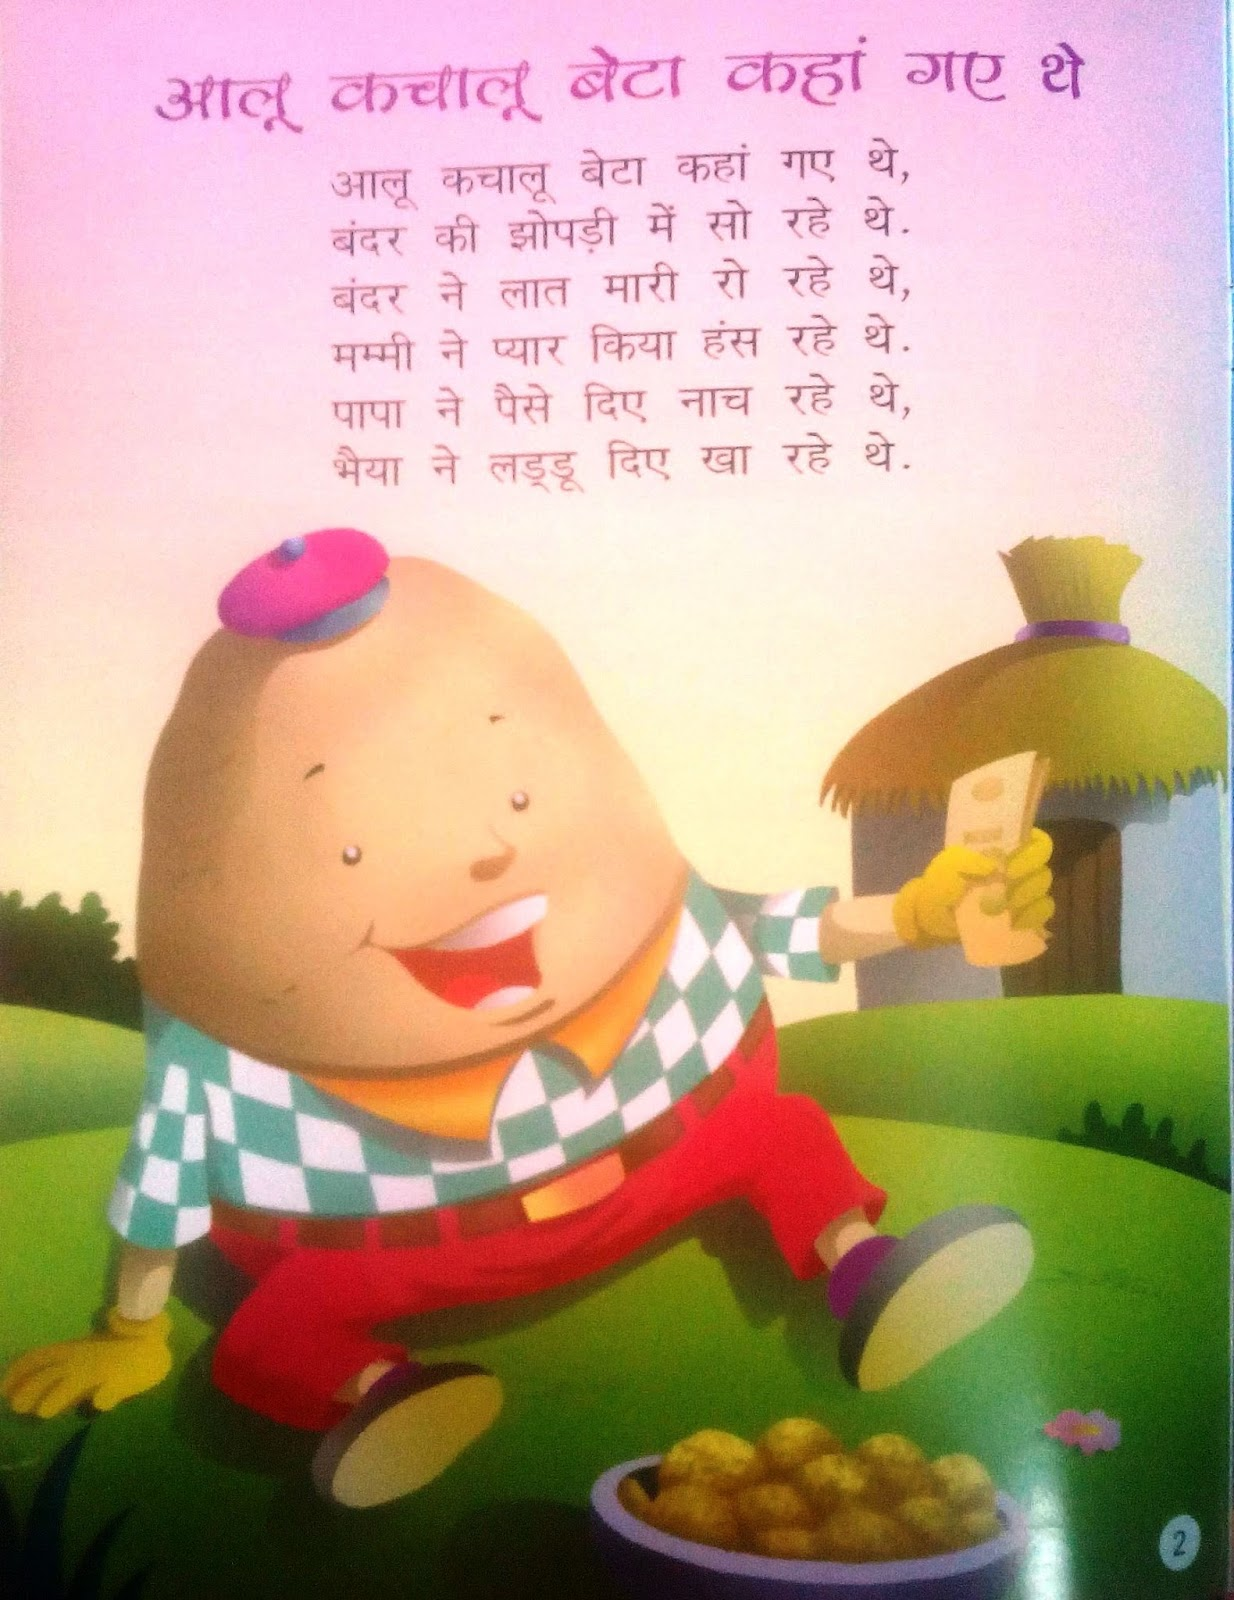 Hindi Nursery Rhyme Songs for Children: Aaloo Kachalu Beta ...